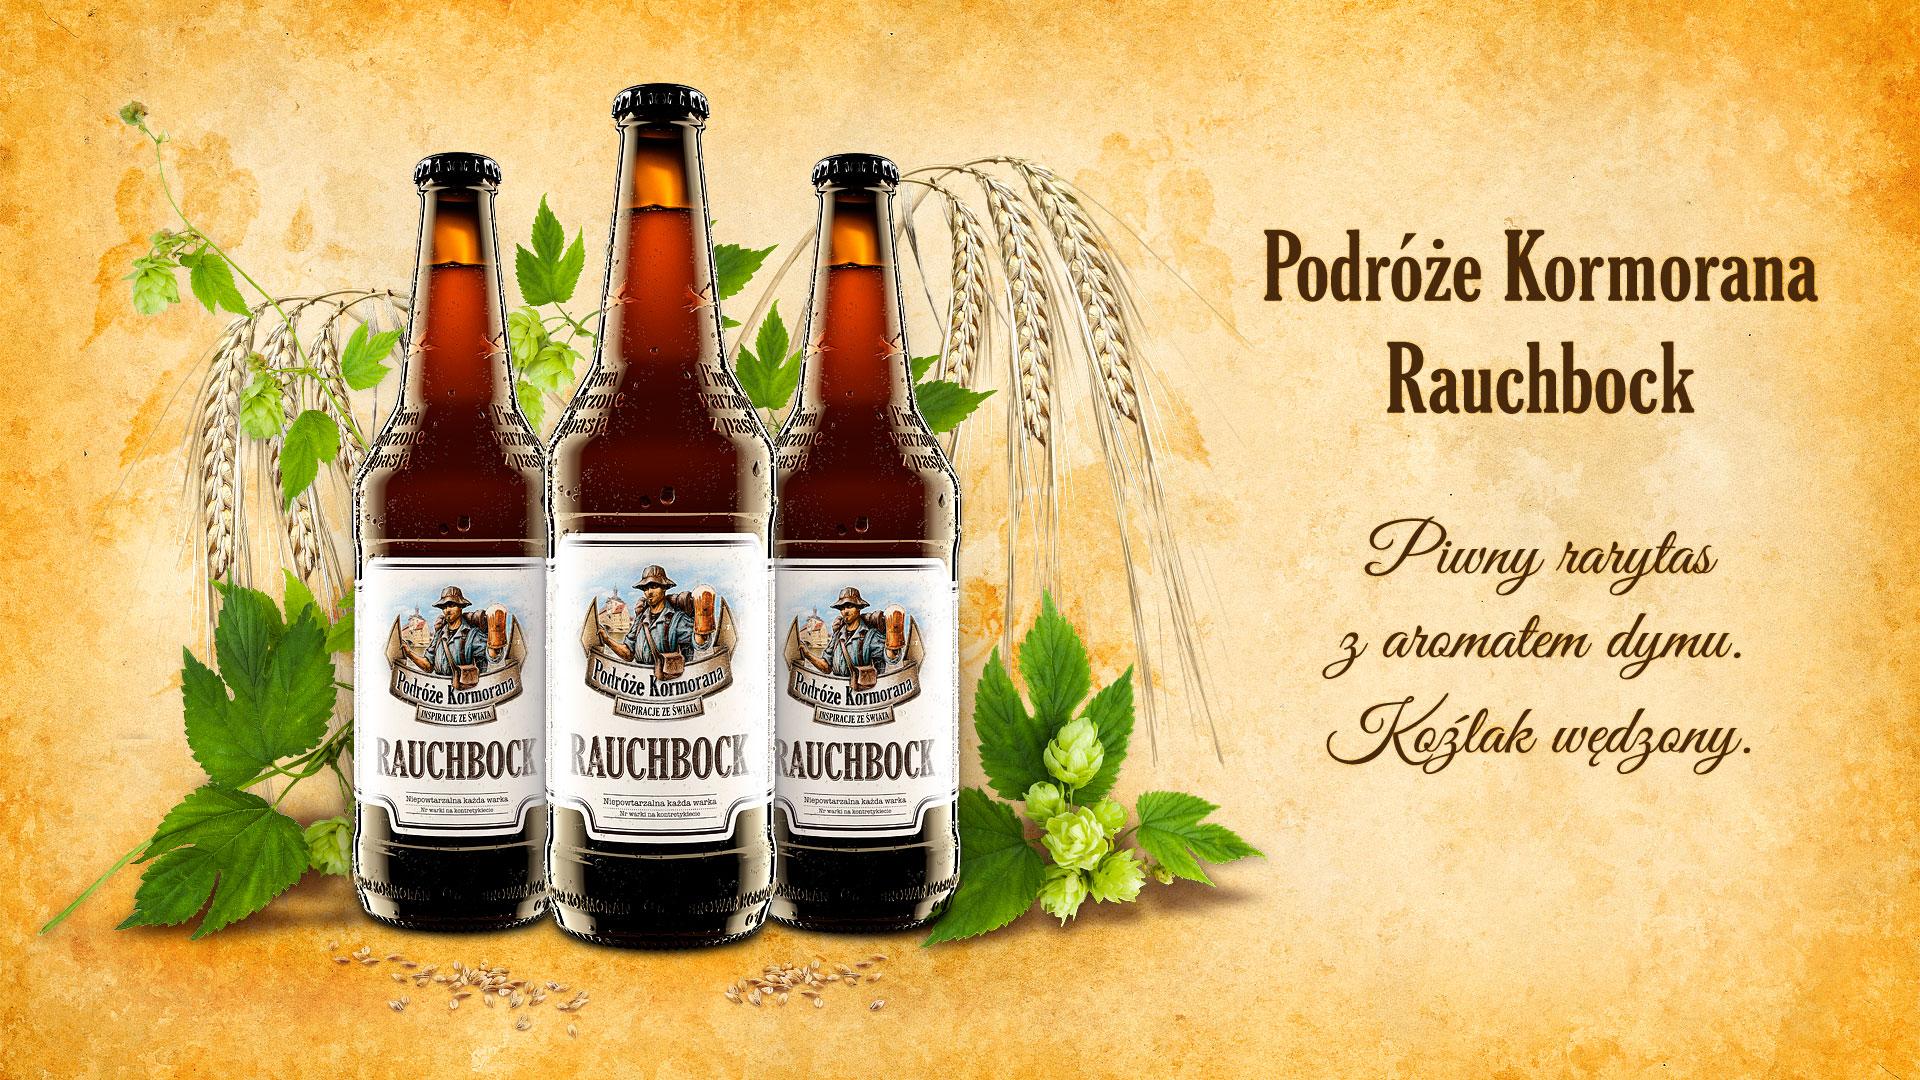 Piwo Podróże Kormorana Rauchbock - Browar Kormoran